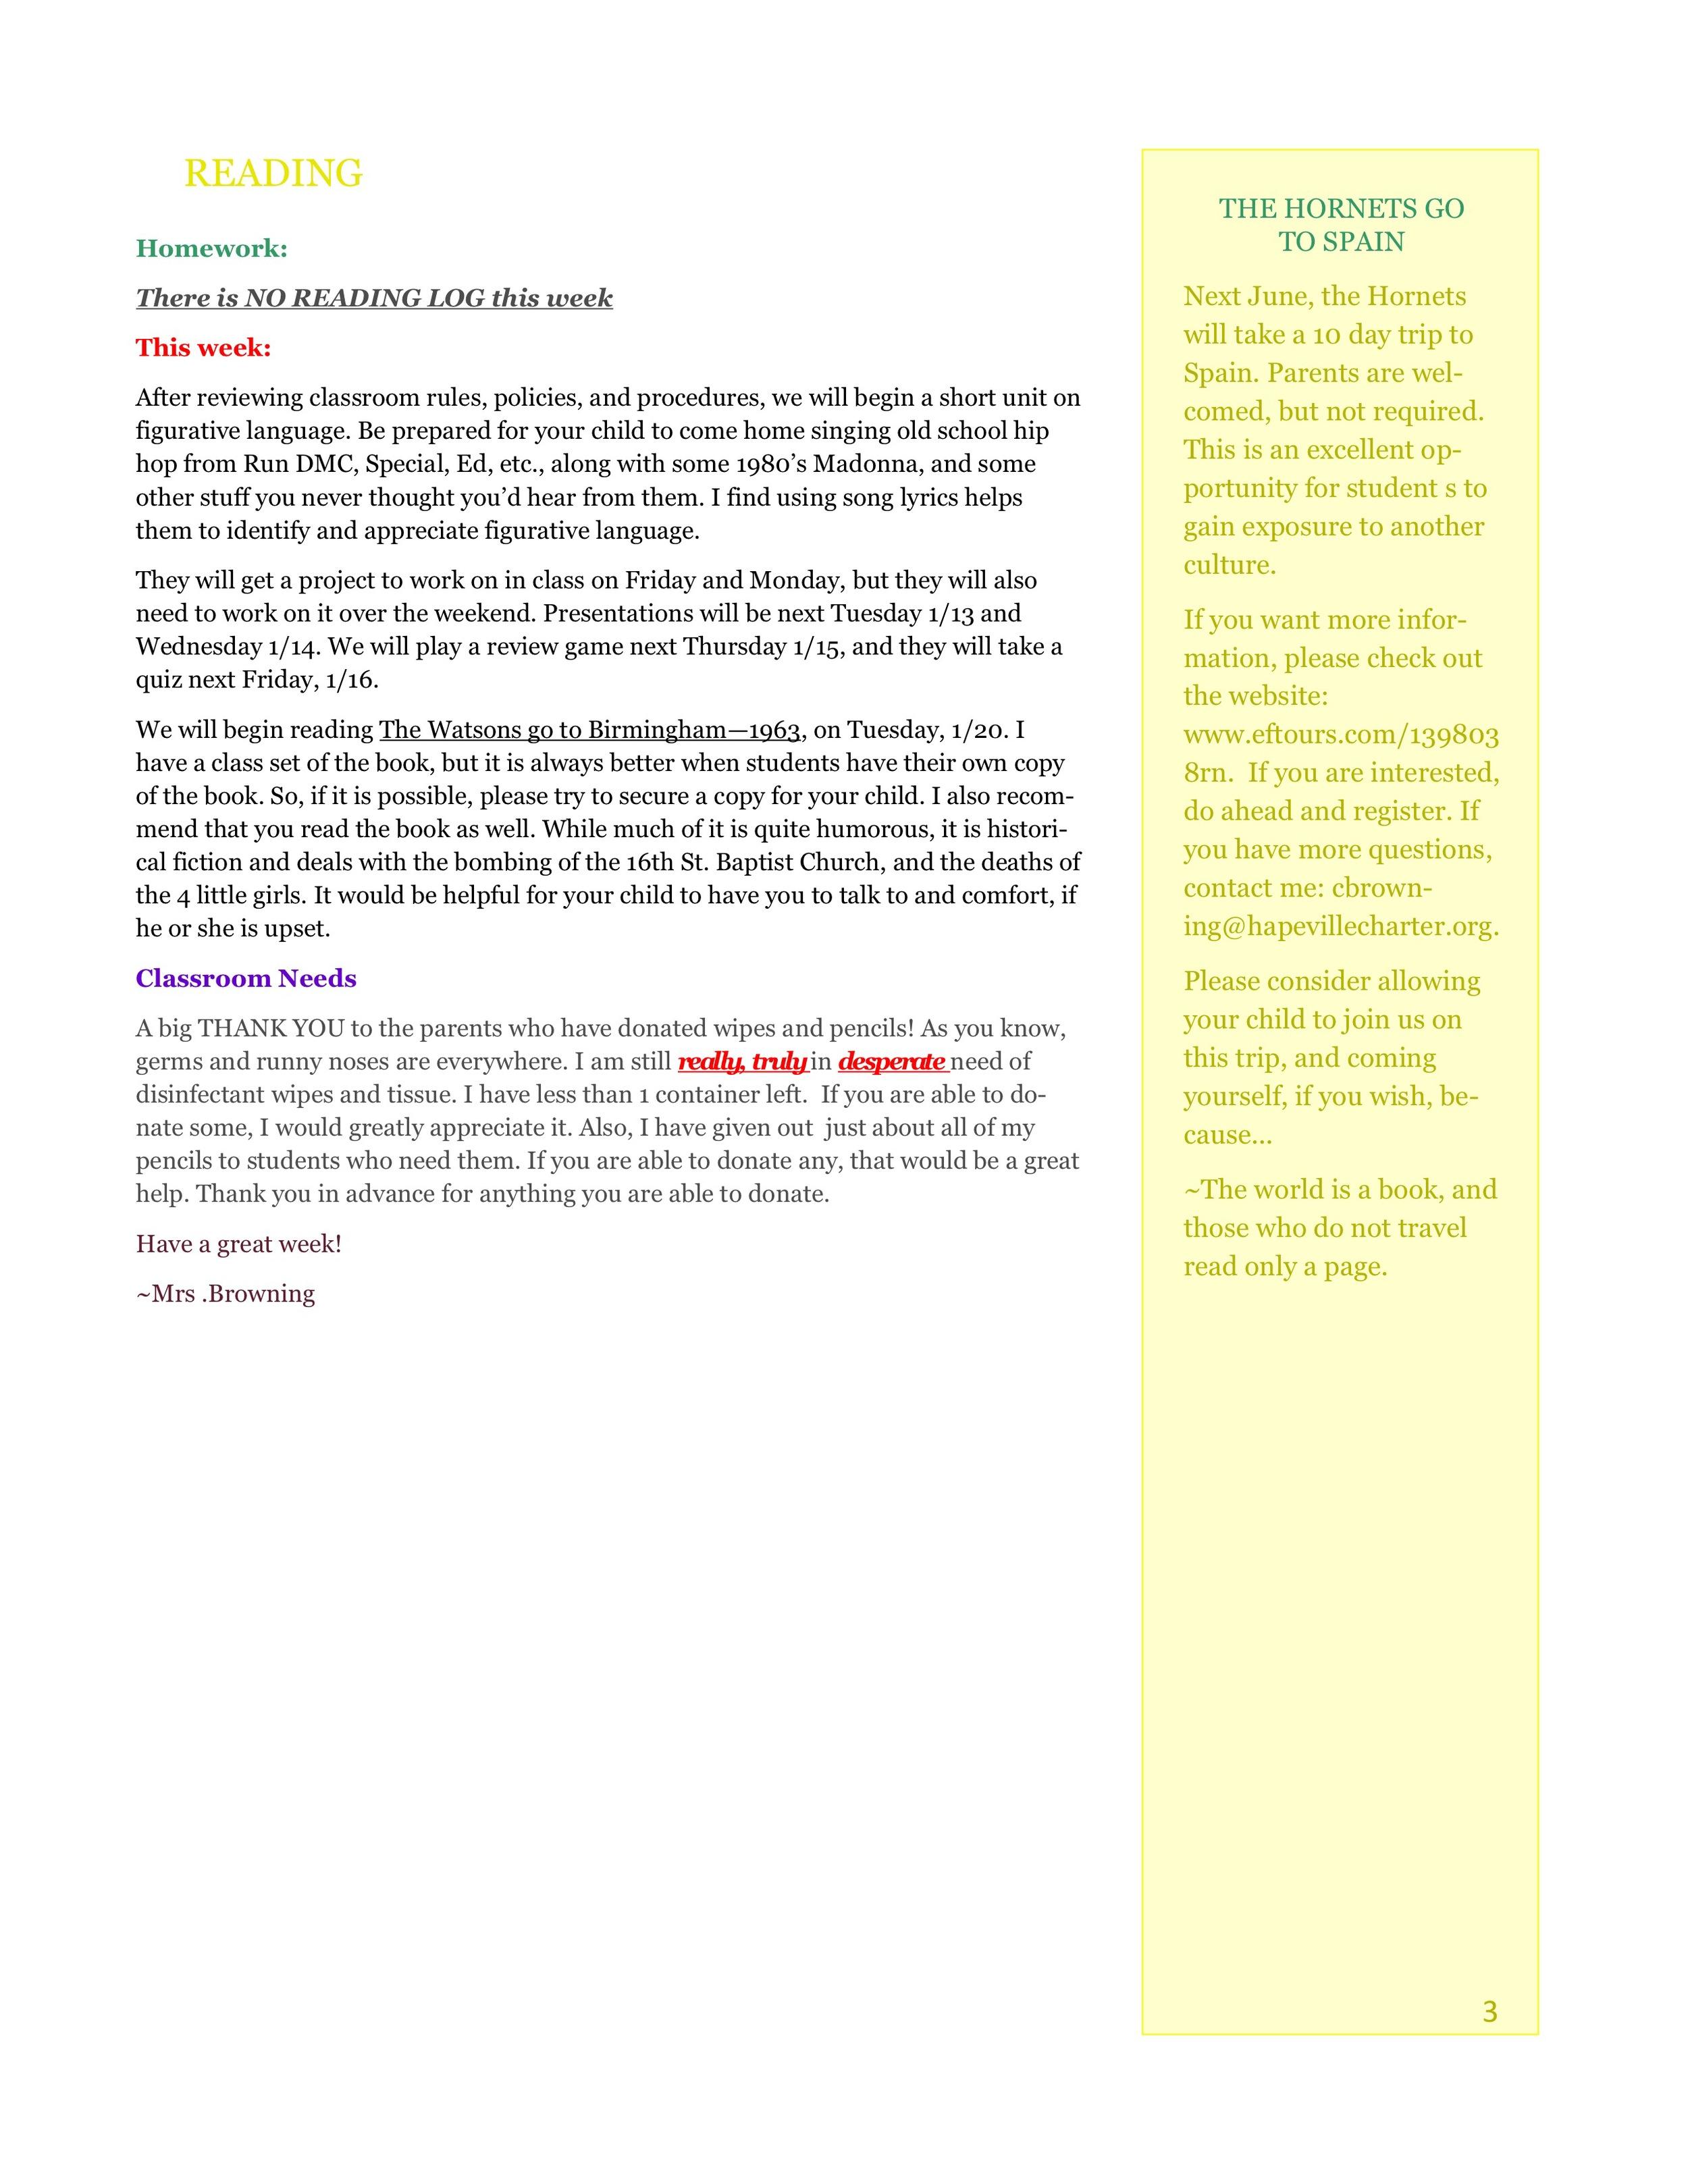 Newsletter ImageJanuary 6-9 3.jpeg